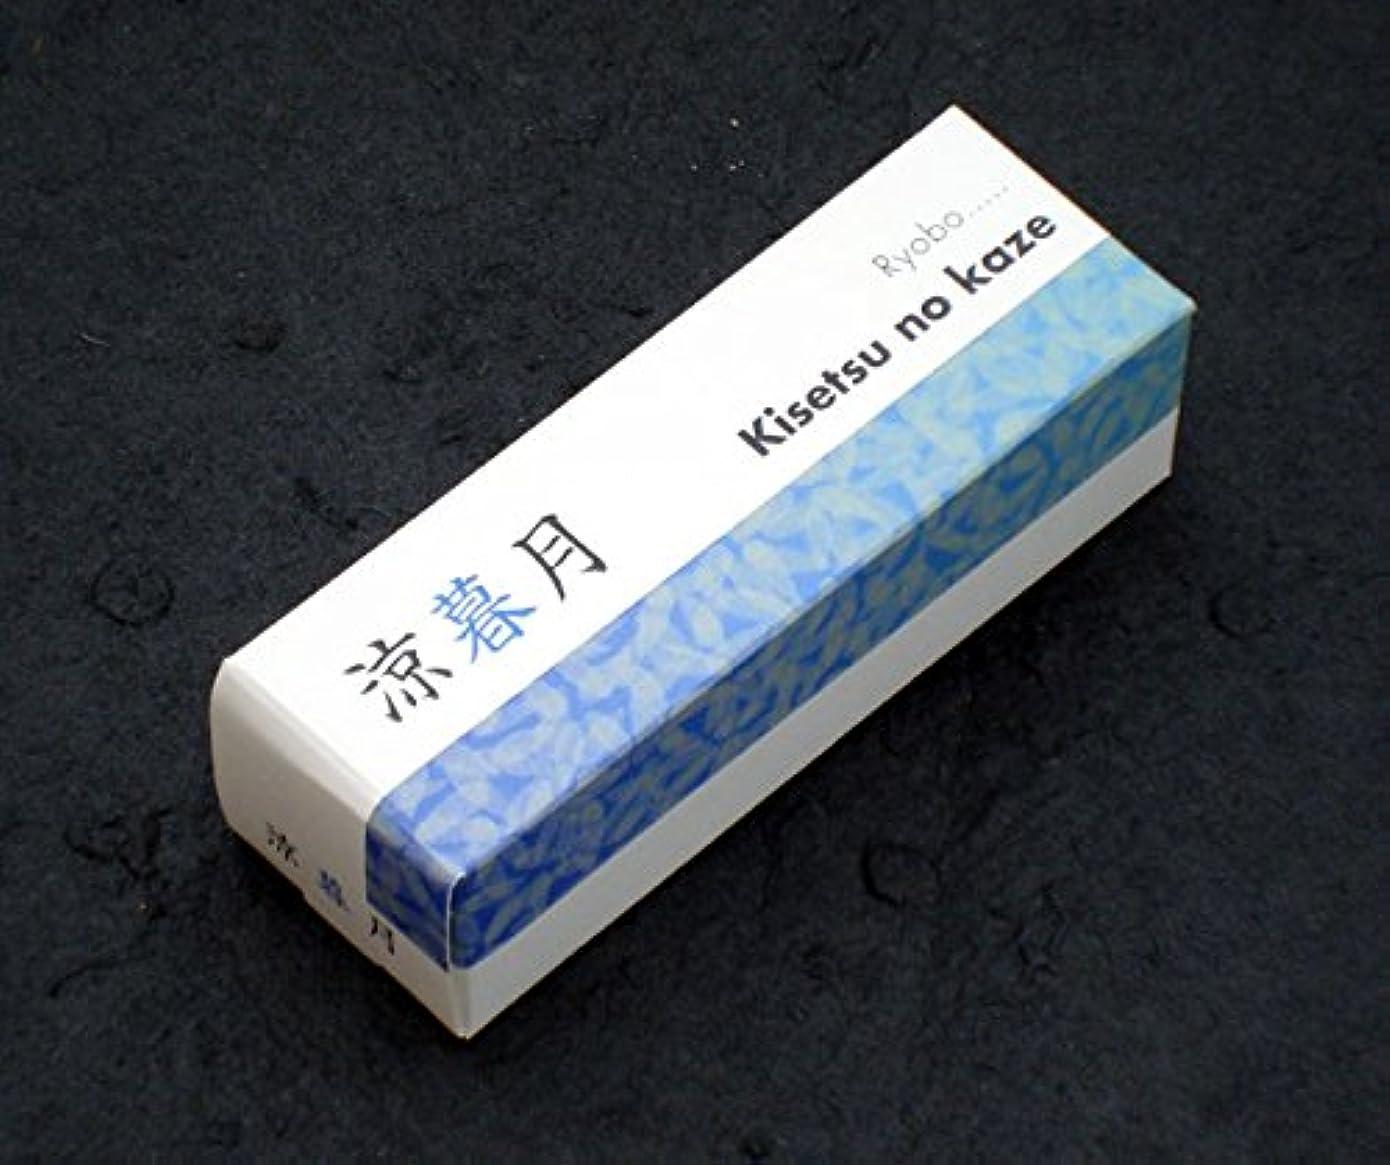 個人メッセンジャースピーチ季節の風 涼暮月(りょうぼづき)【松栄堂】 【お香】